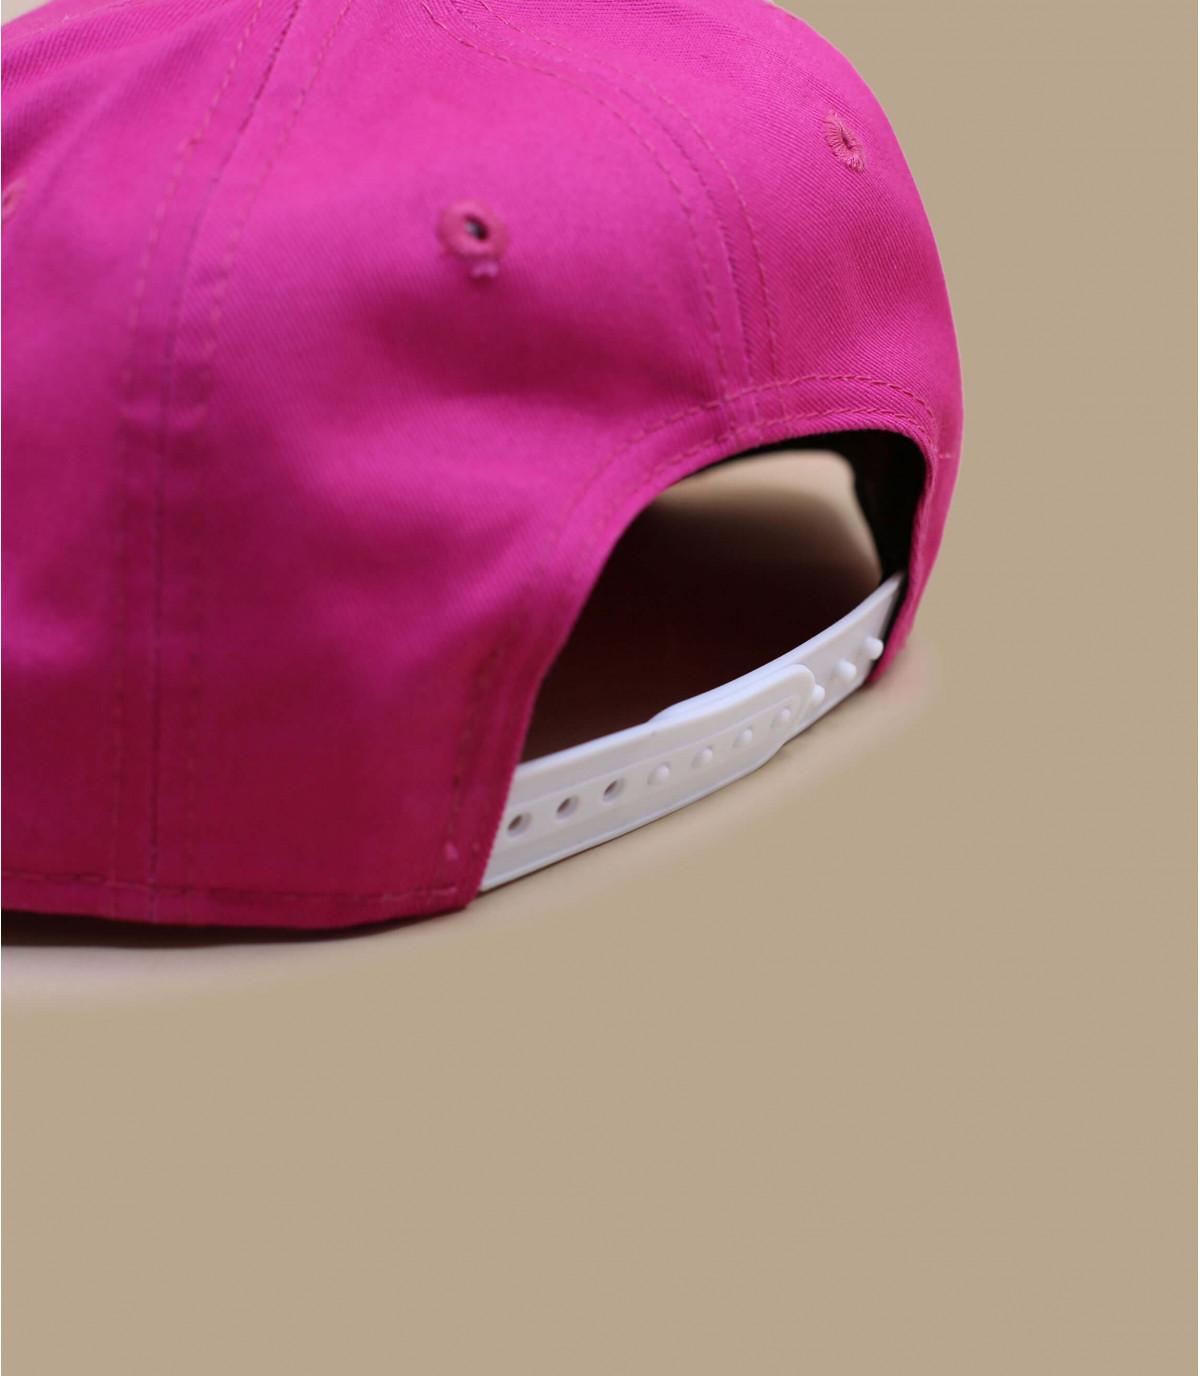 Details Child NY snapback pink - afbeeling 3